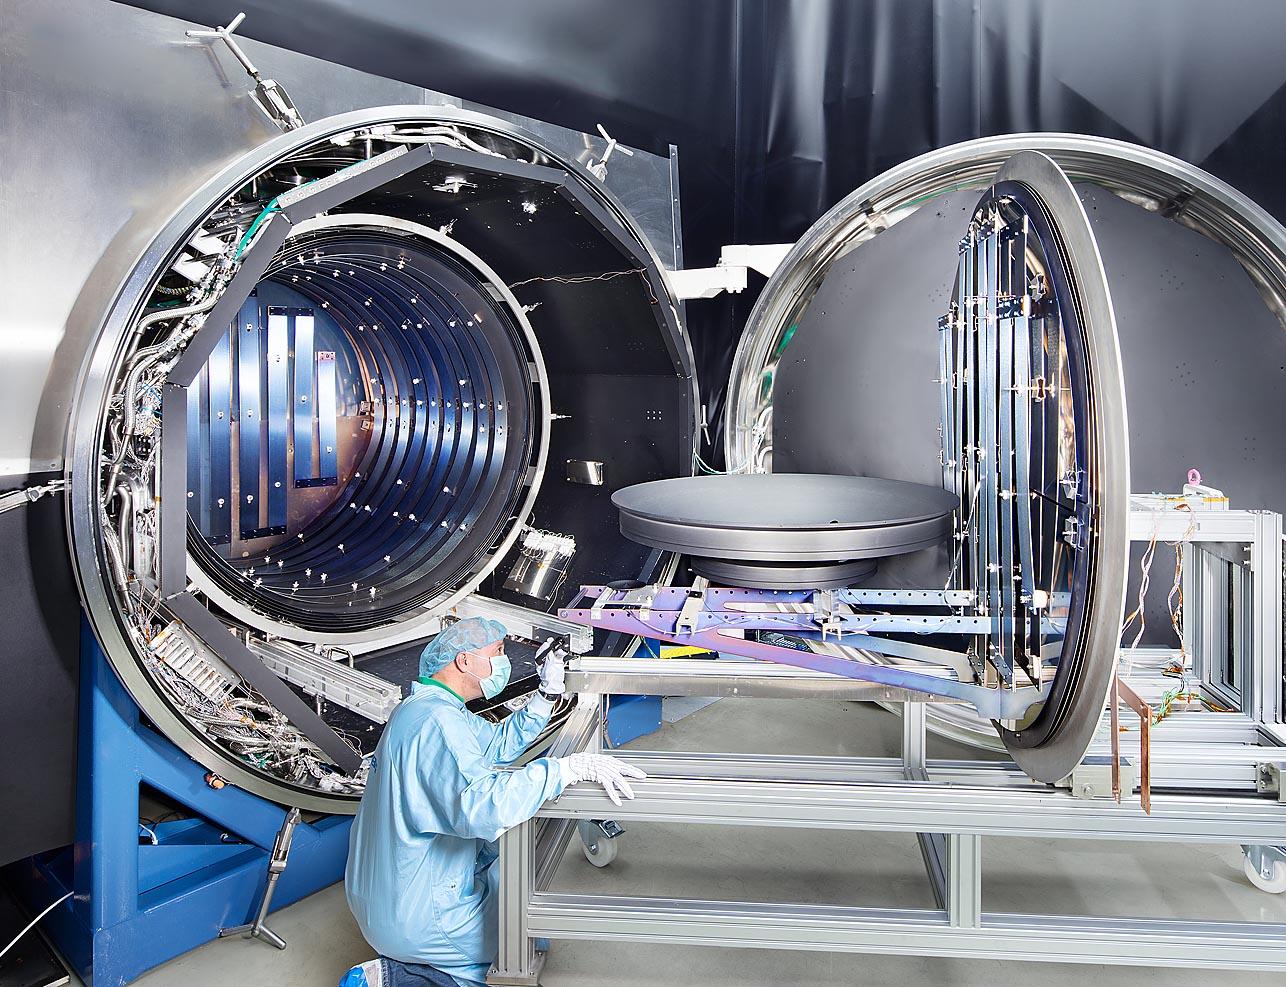 Industriefoto einerHochtemperaturkammer mit Antenne unter Reinraumbedingungen